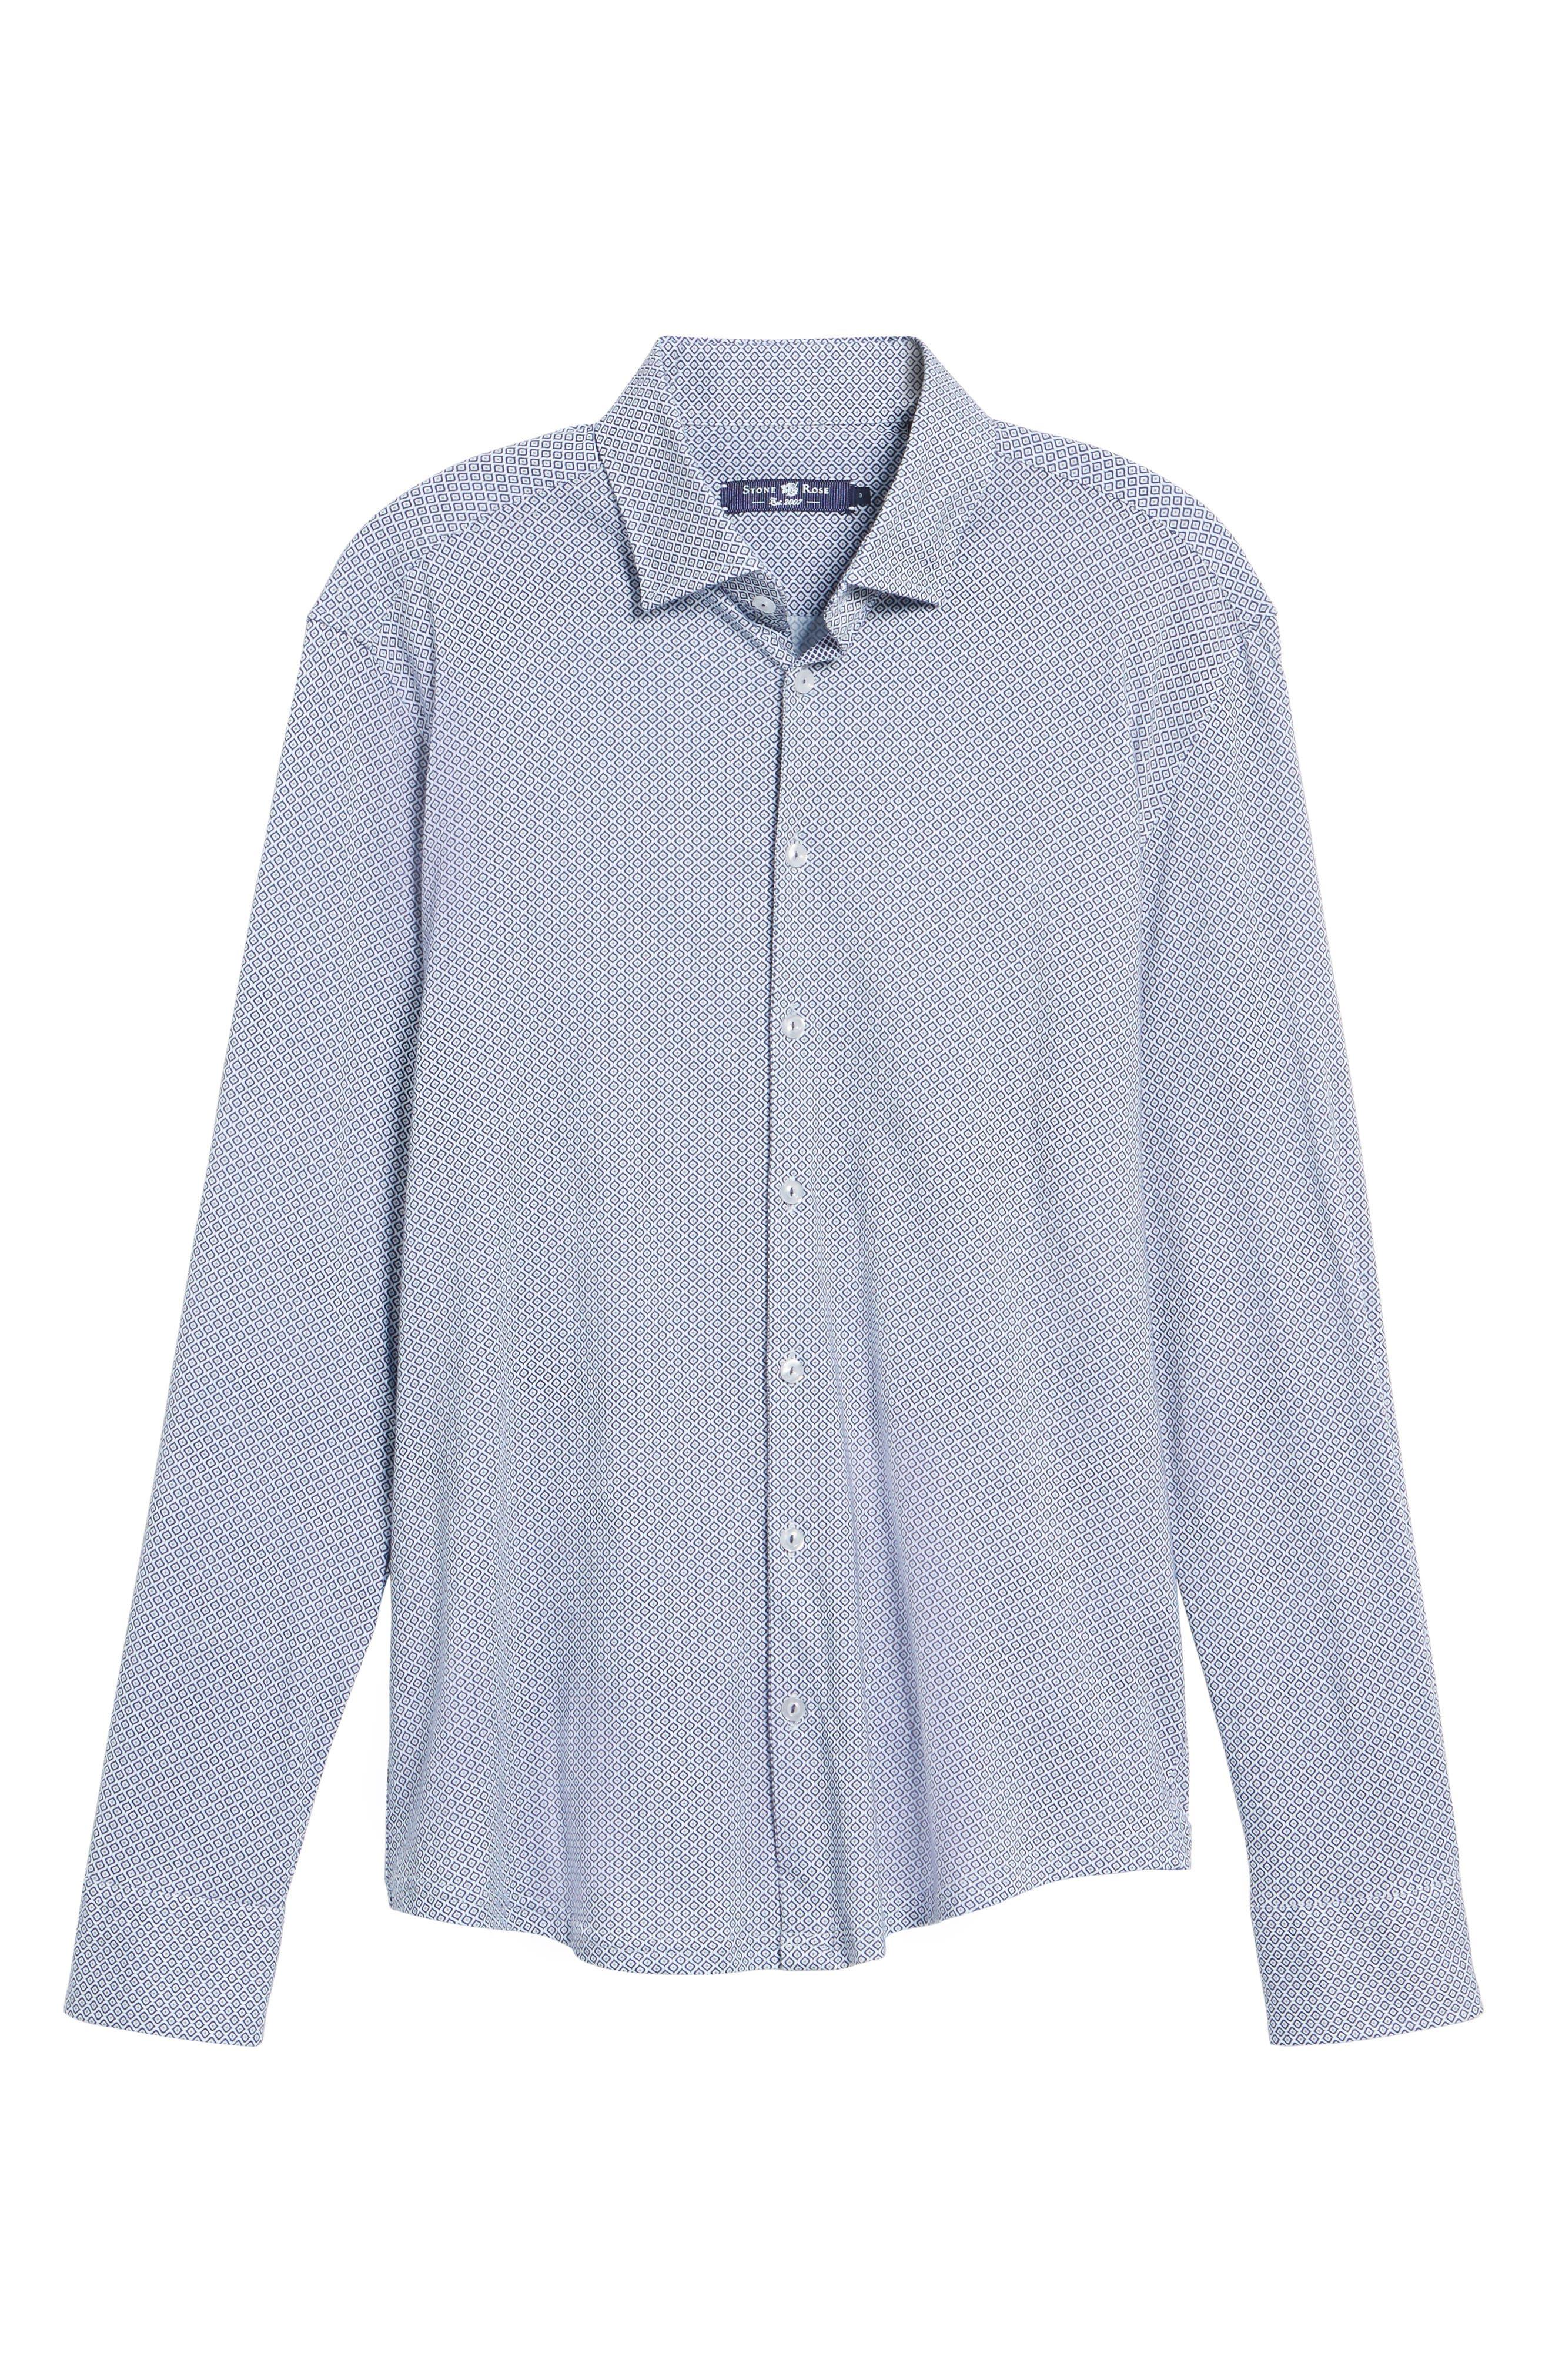 Diamond Print Knit Sport Shirt,                             Alternate thumbnail 6, color,                             White